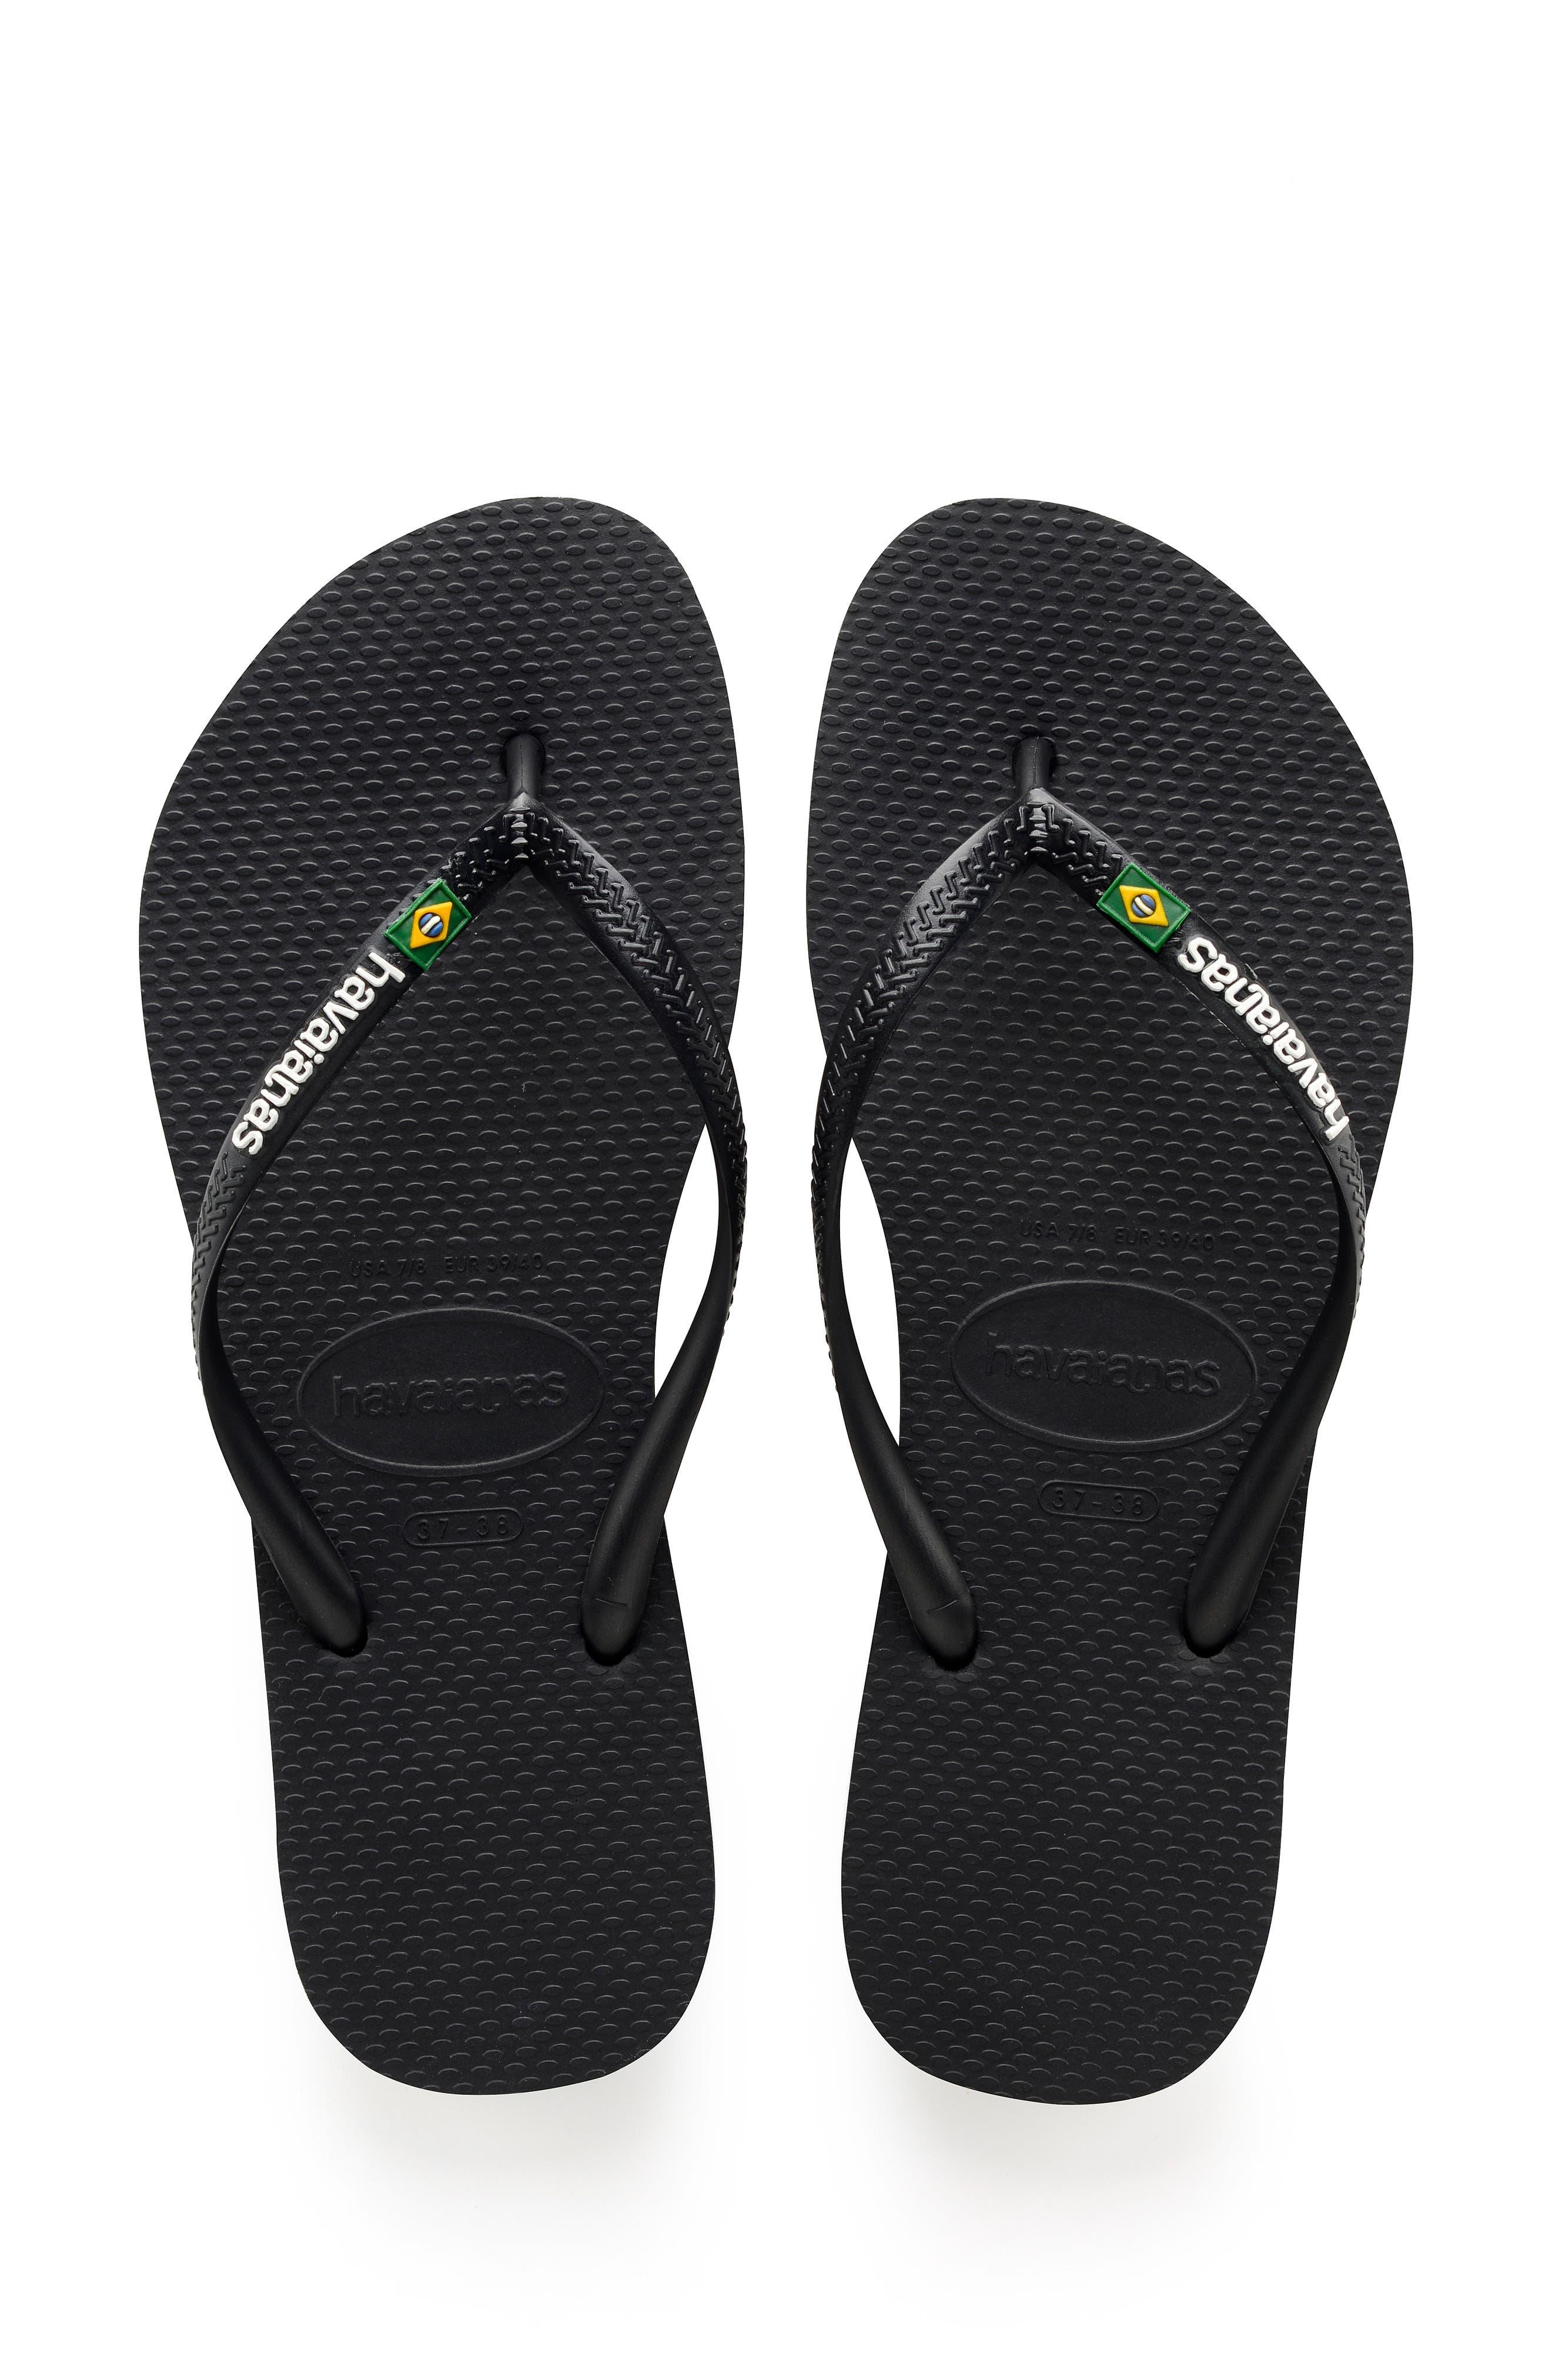 HAVAIANAS, Slim Brazil Flip Flop, Main thumbnail 1, color, BLACK